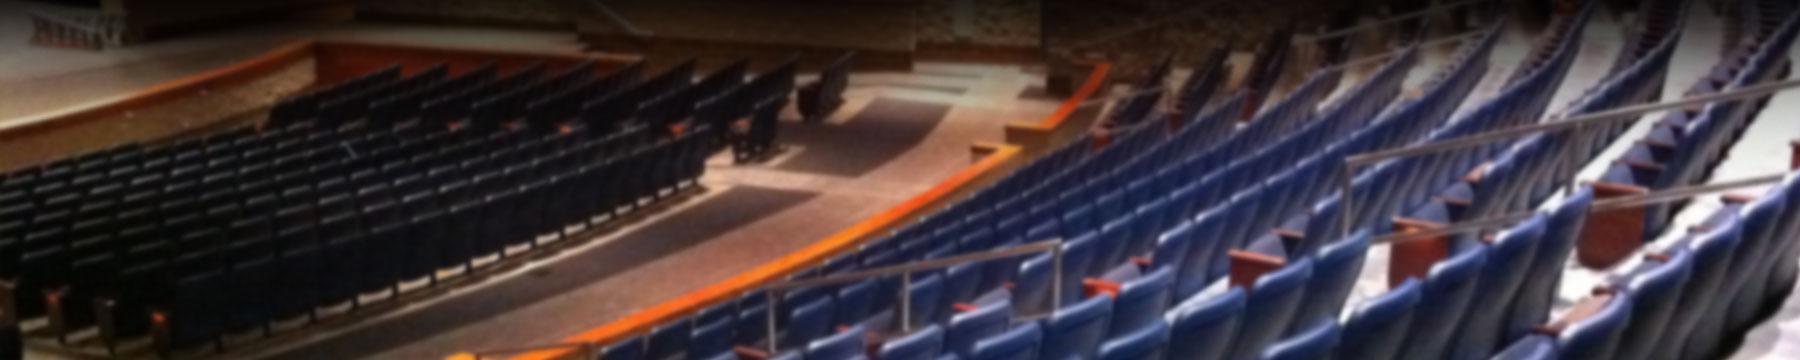 home_auditorium